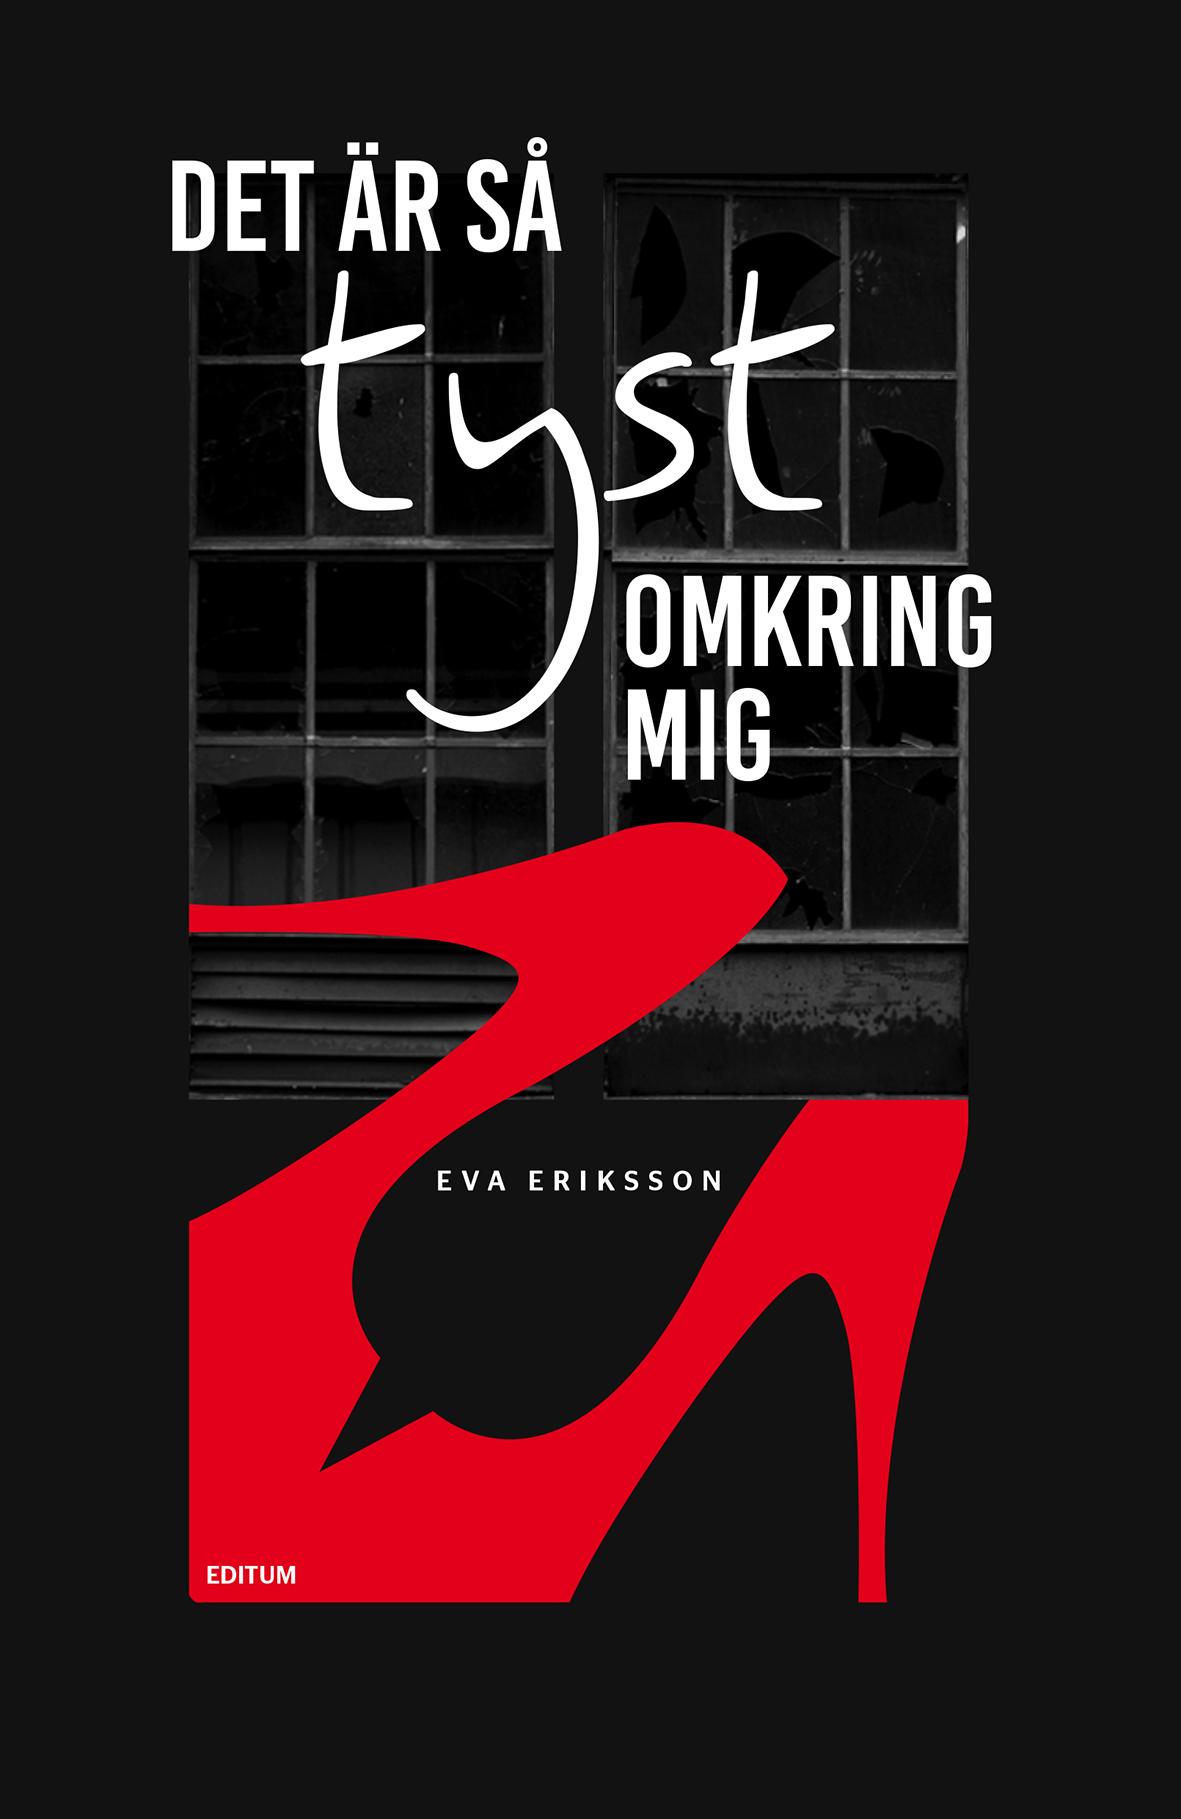 Det är så tyst omkring mig av Eva Eriksson